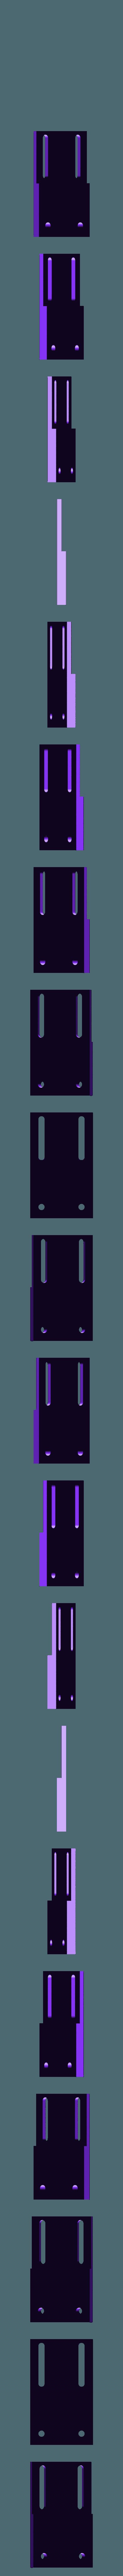 Z_end_switch_bracket_1.stl Download free STL file FDM Printer de Kleine Reus 300x300x900 • 3D printable object, Job